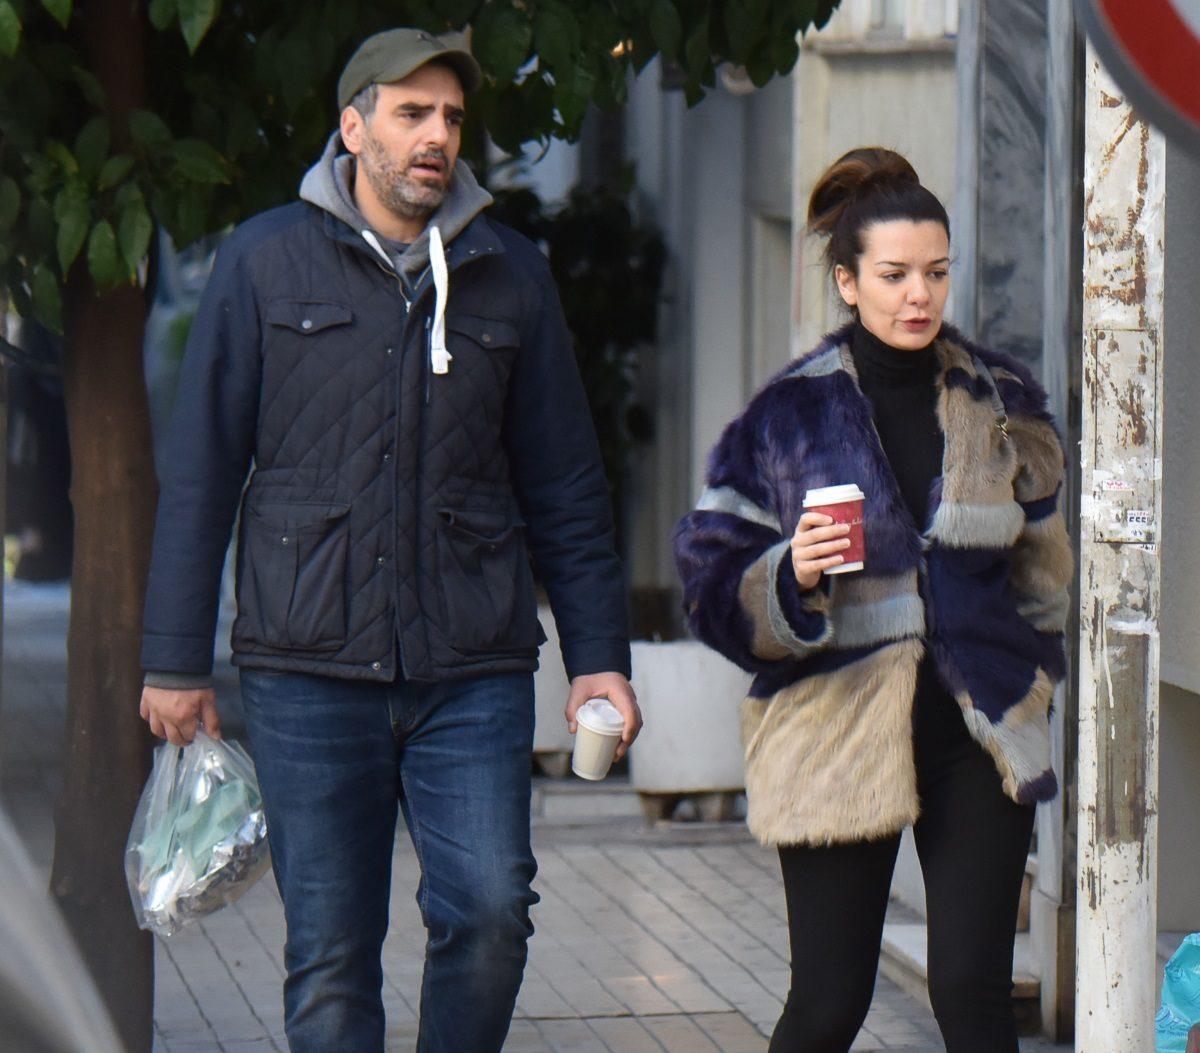 Νικολέττα Ράλλη – Μιχάλης Ανδρούτσος: Ρομαντική απόδραση στα χιόνια! [pics]   tlife.gr